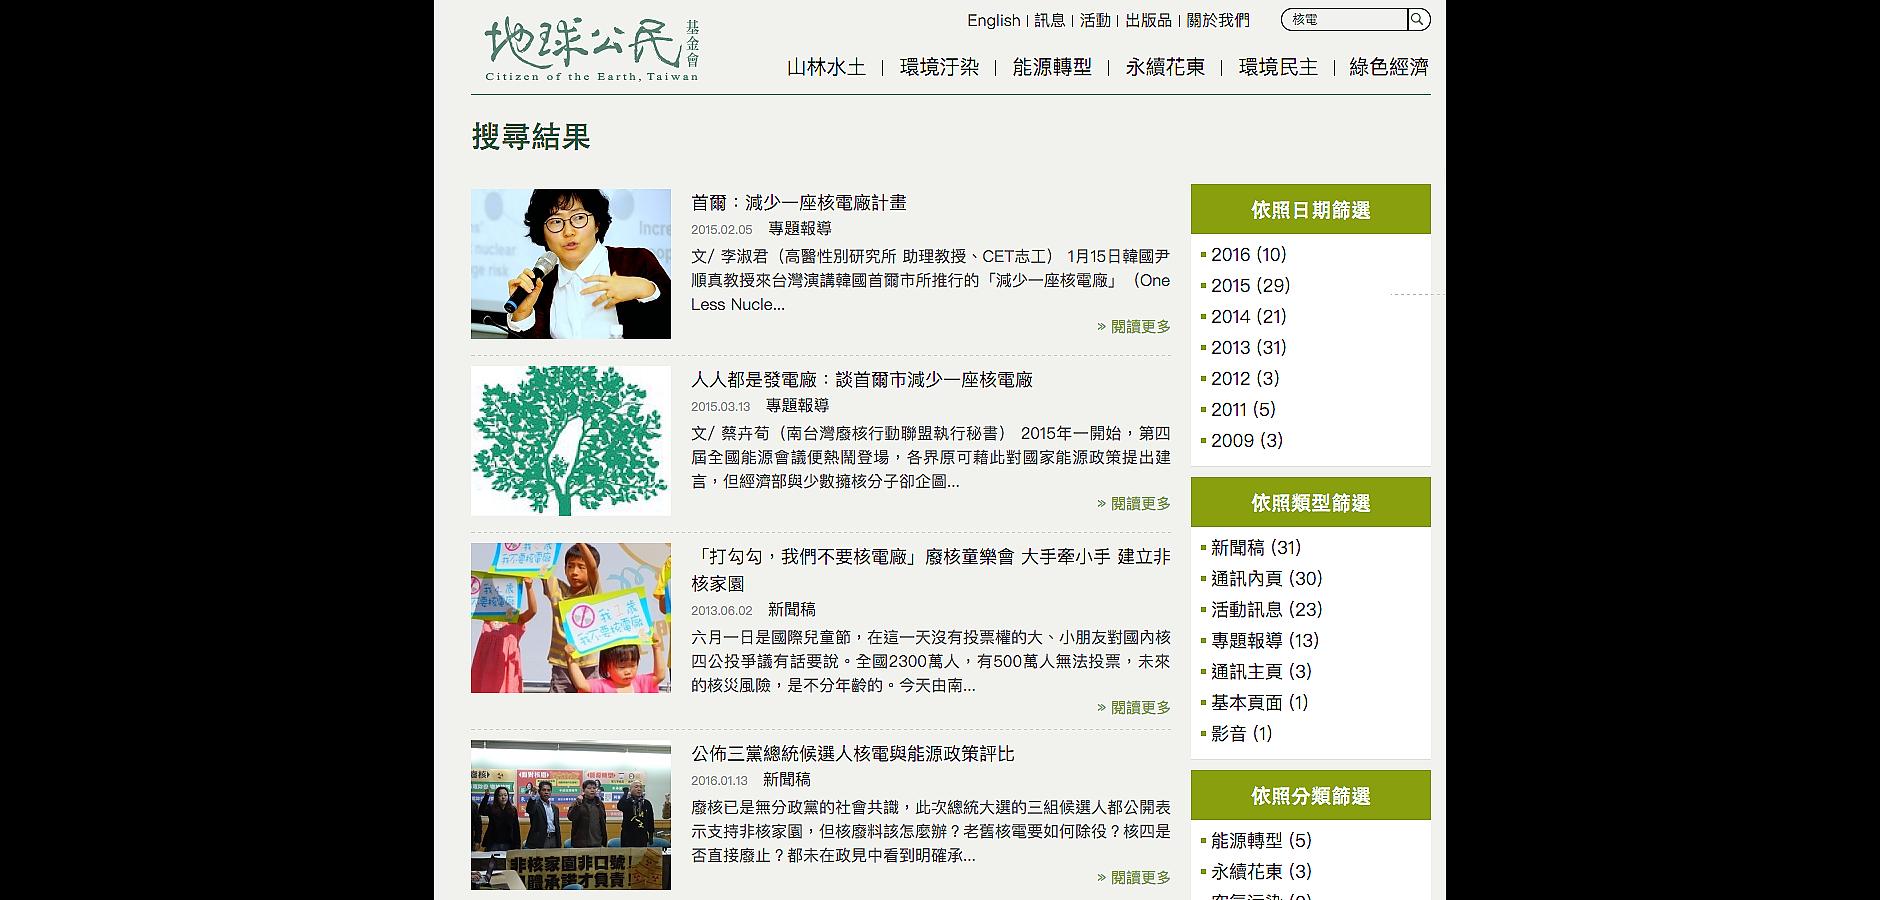 地球公民基金會 - 搜尋